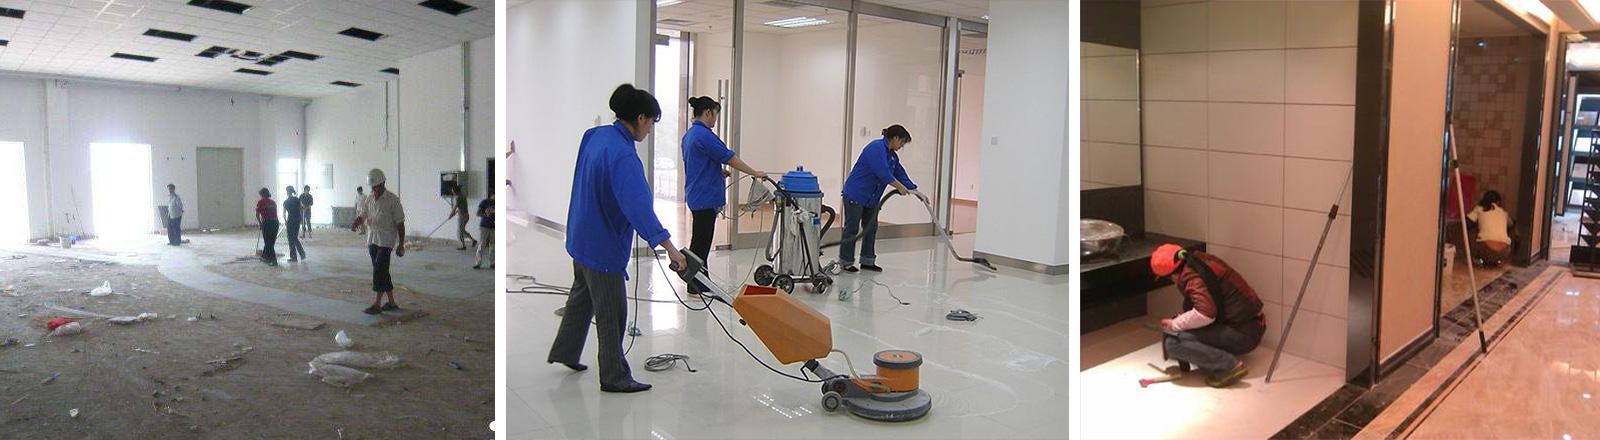 地面防滑问题怎么解决?